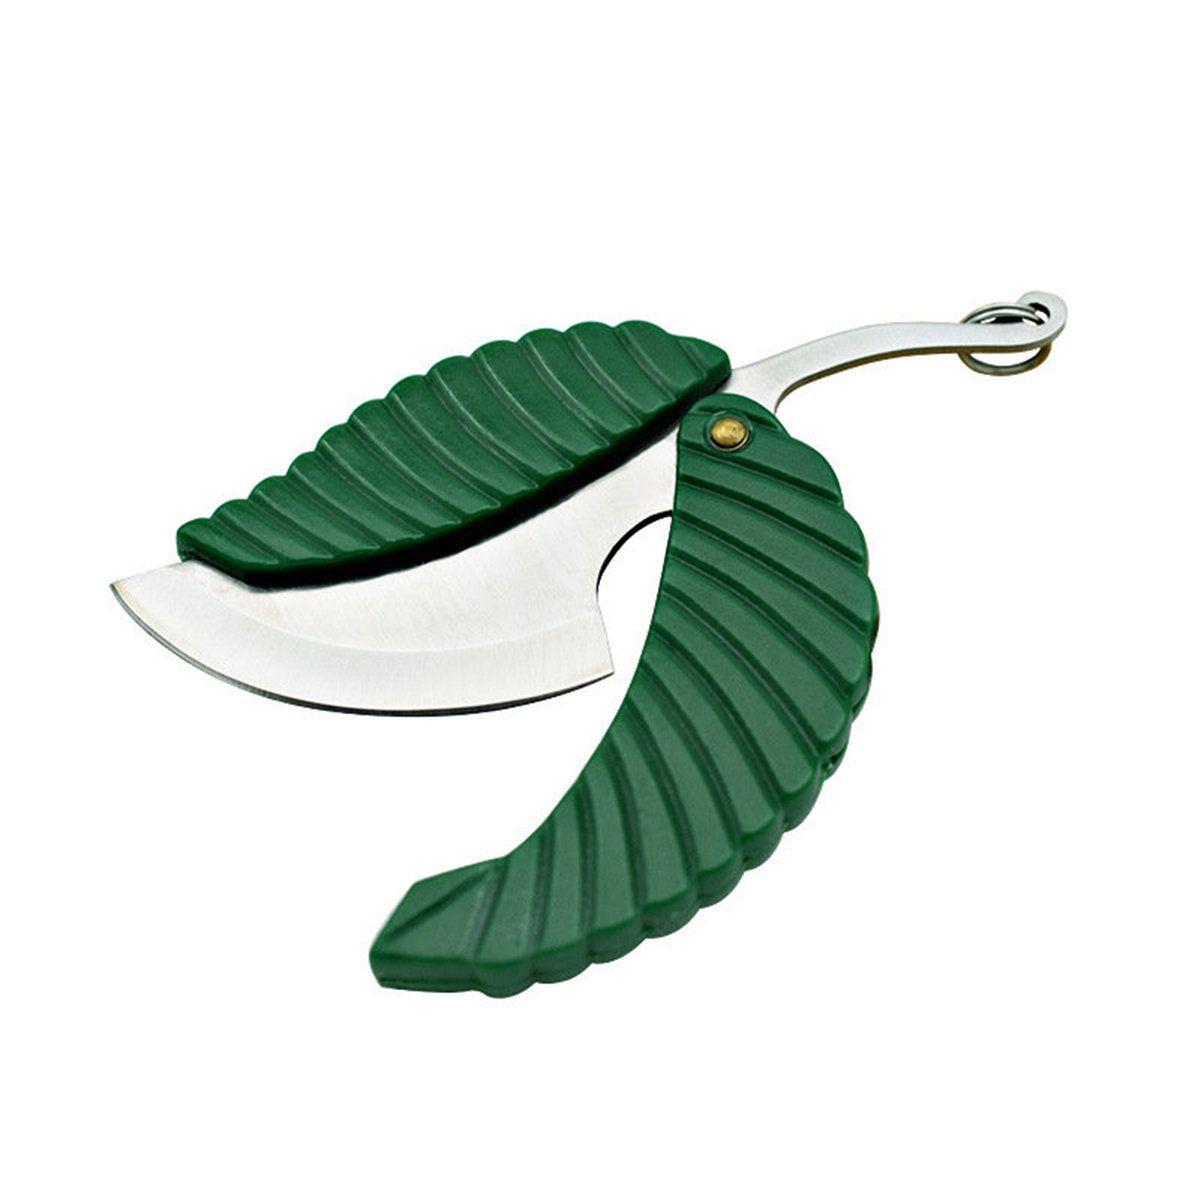 1pcs verde mini foglia foglia foglia tasca tasca coltello pieghevole auto-styling portachiavi coltello da campo all'aperto coltello campeggio escursionismo strumento di sopravvivenza